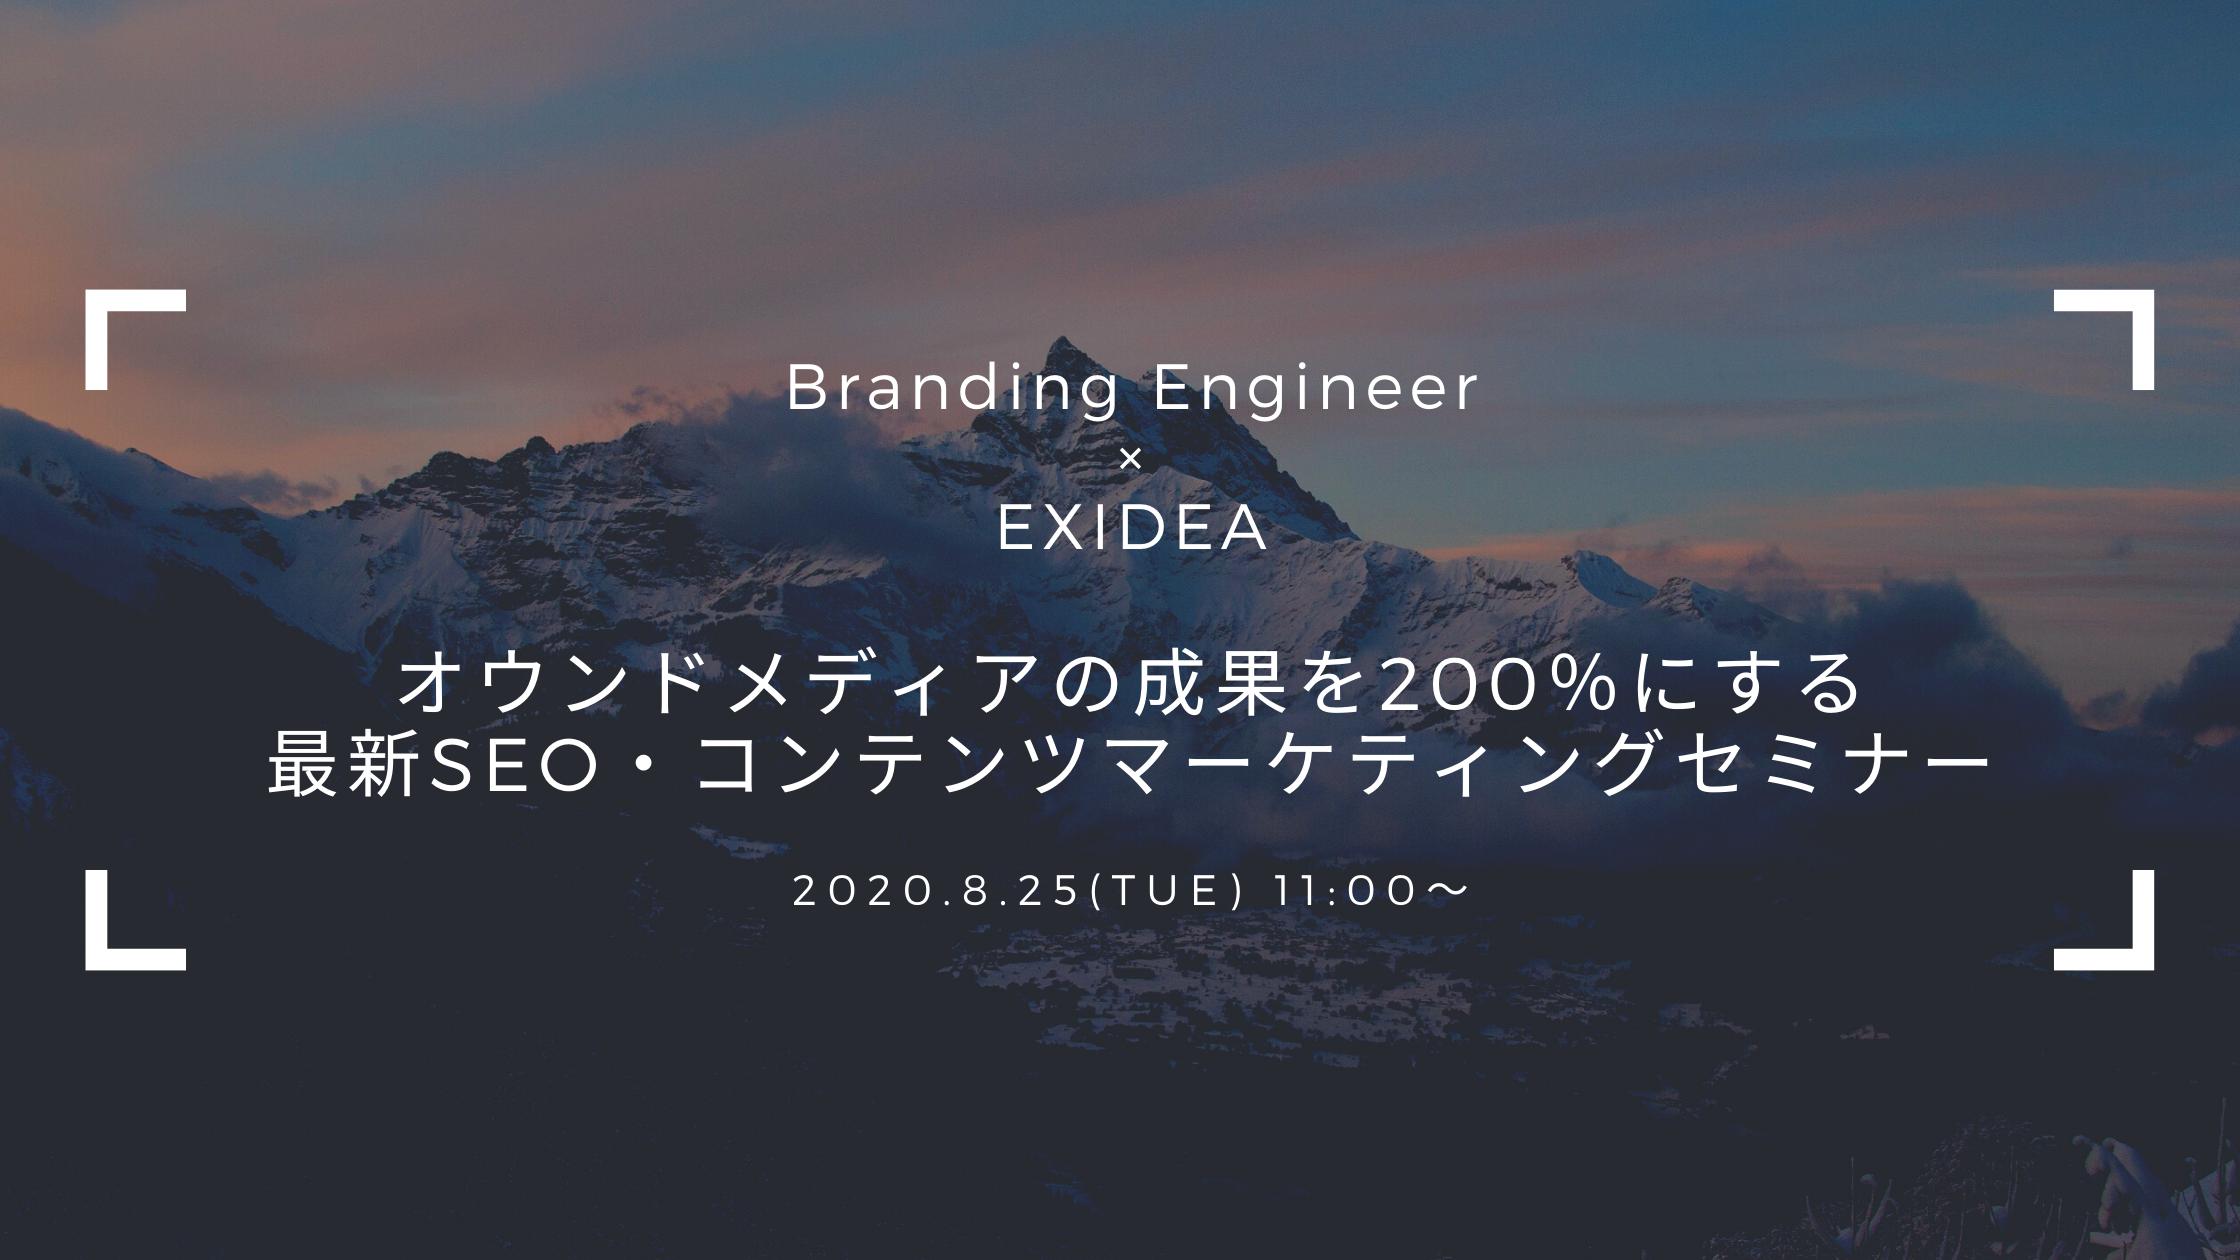 (終了)【Branding Engineer様共催セミナー】8月25日(火)開催!オウンドメディアの成果を200%にする最新SEO・コンテンツマーケティングセミナー